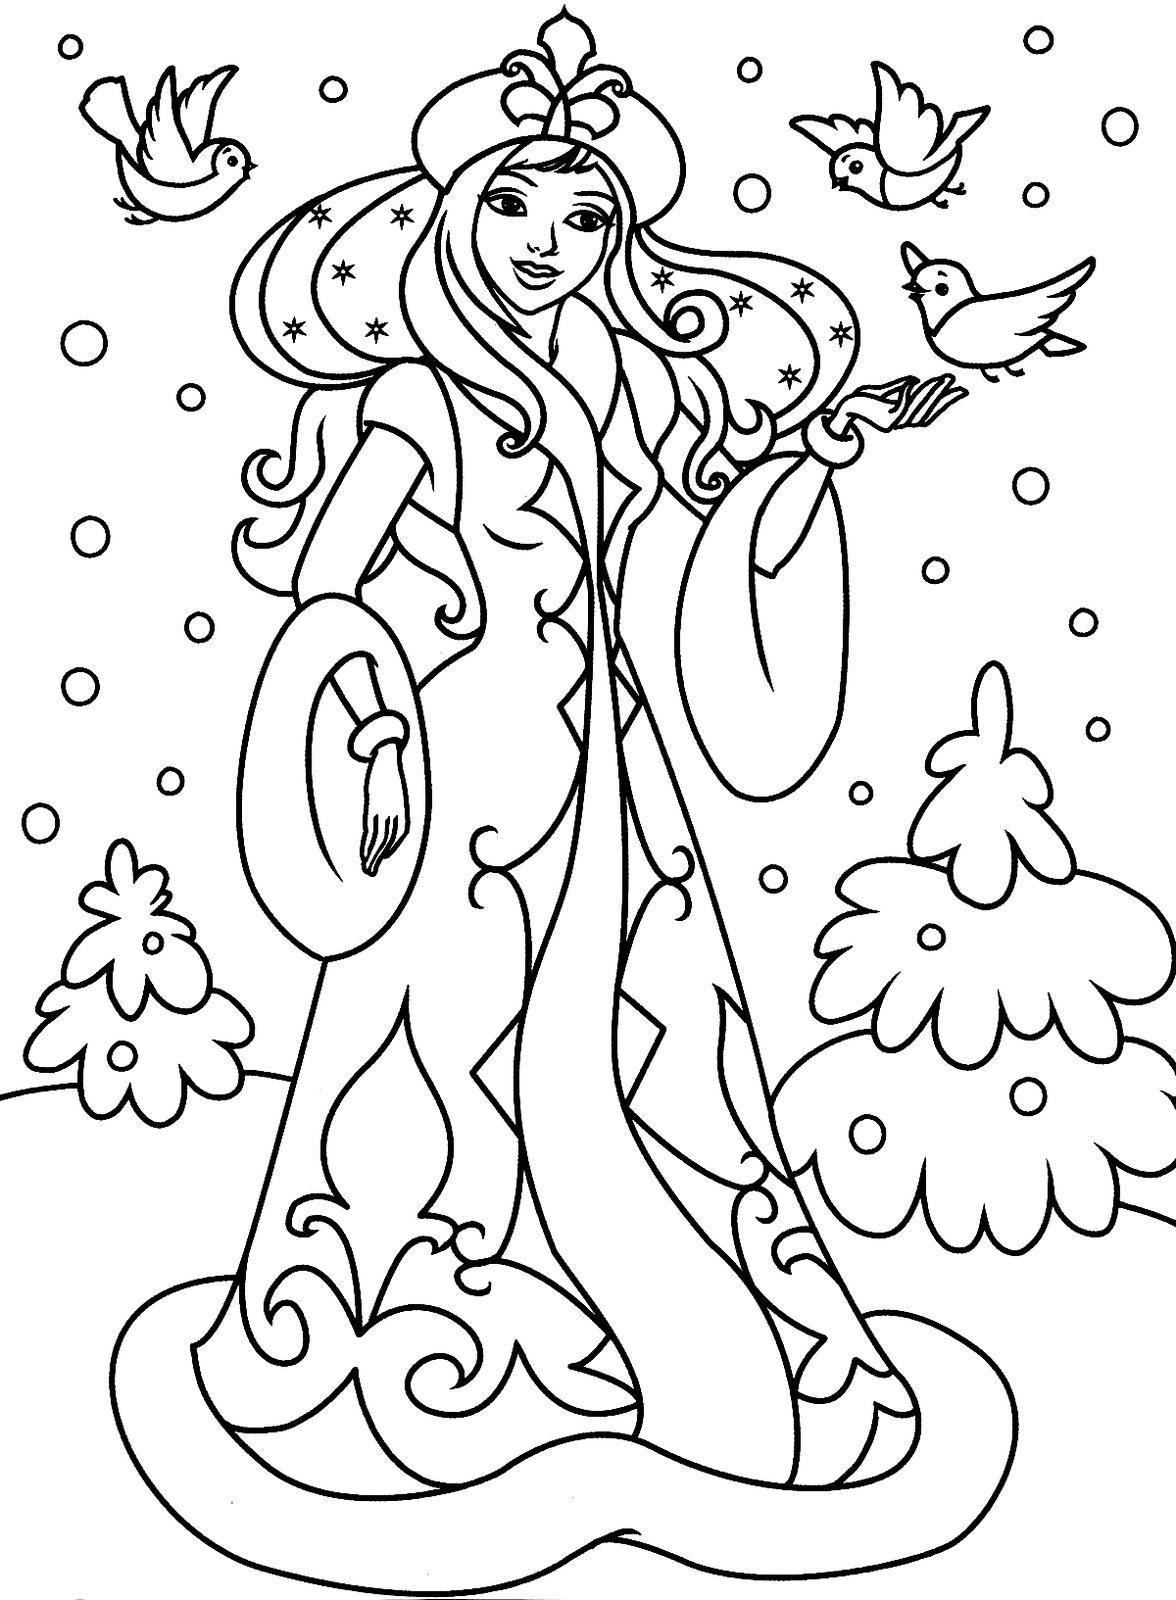 раскраски снегурочка для детей распечатать бесплатно